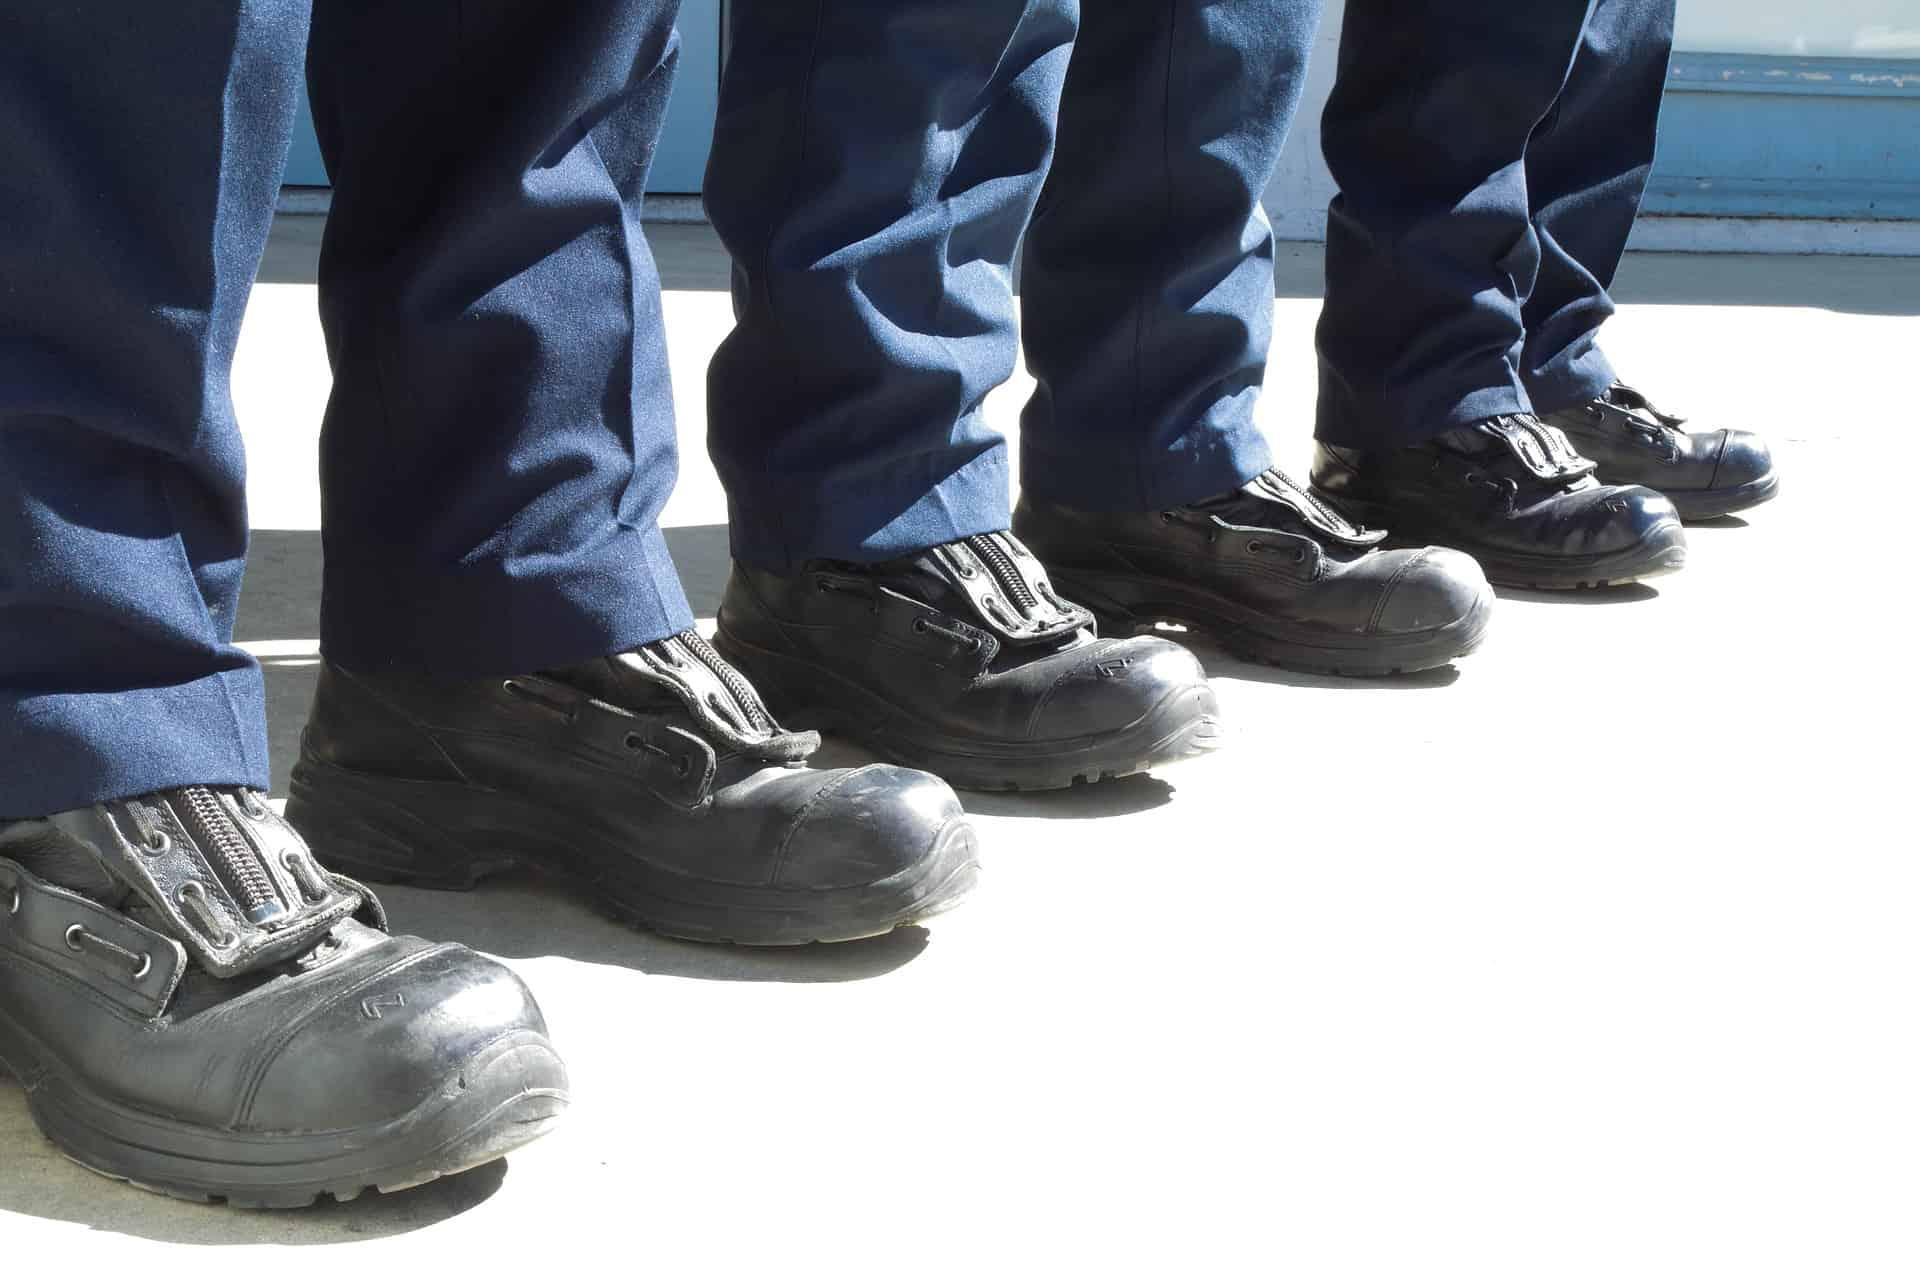 Sapato de segurança: Como escolher o melhor de 2020? | REVIEWBOX